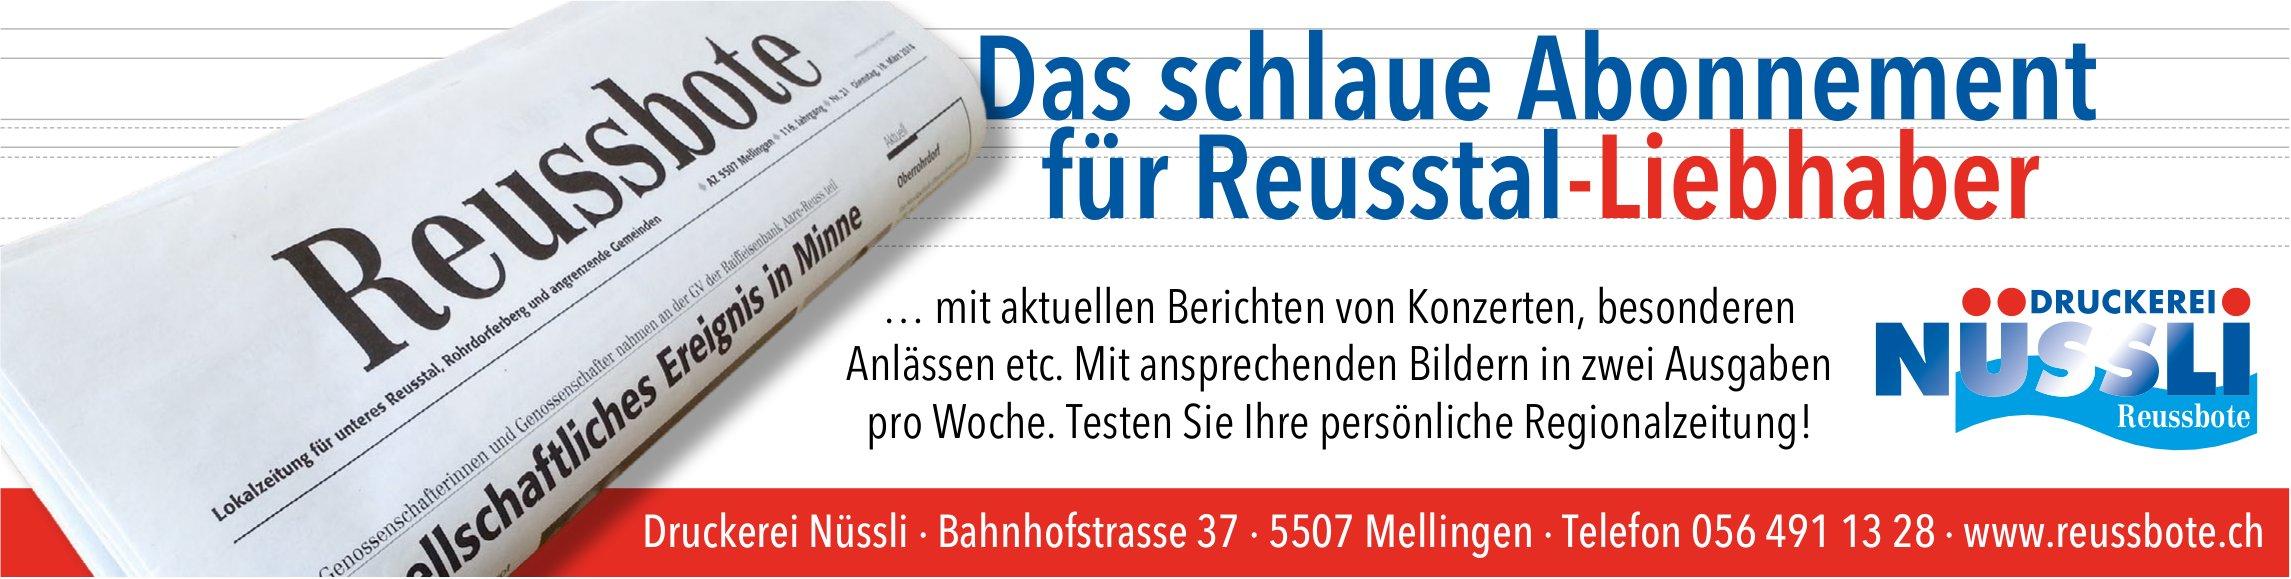 Die Reussbote - Das schlaue Abonnement für Reusstal-Liebhaber